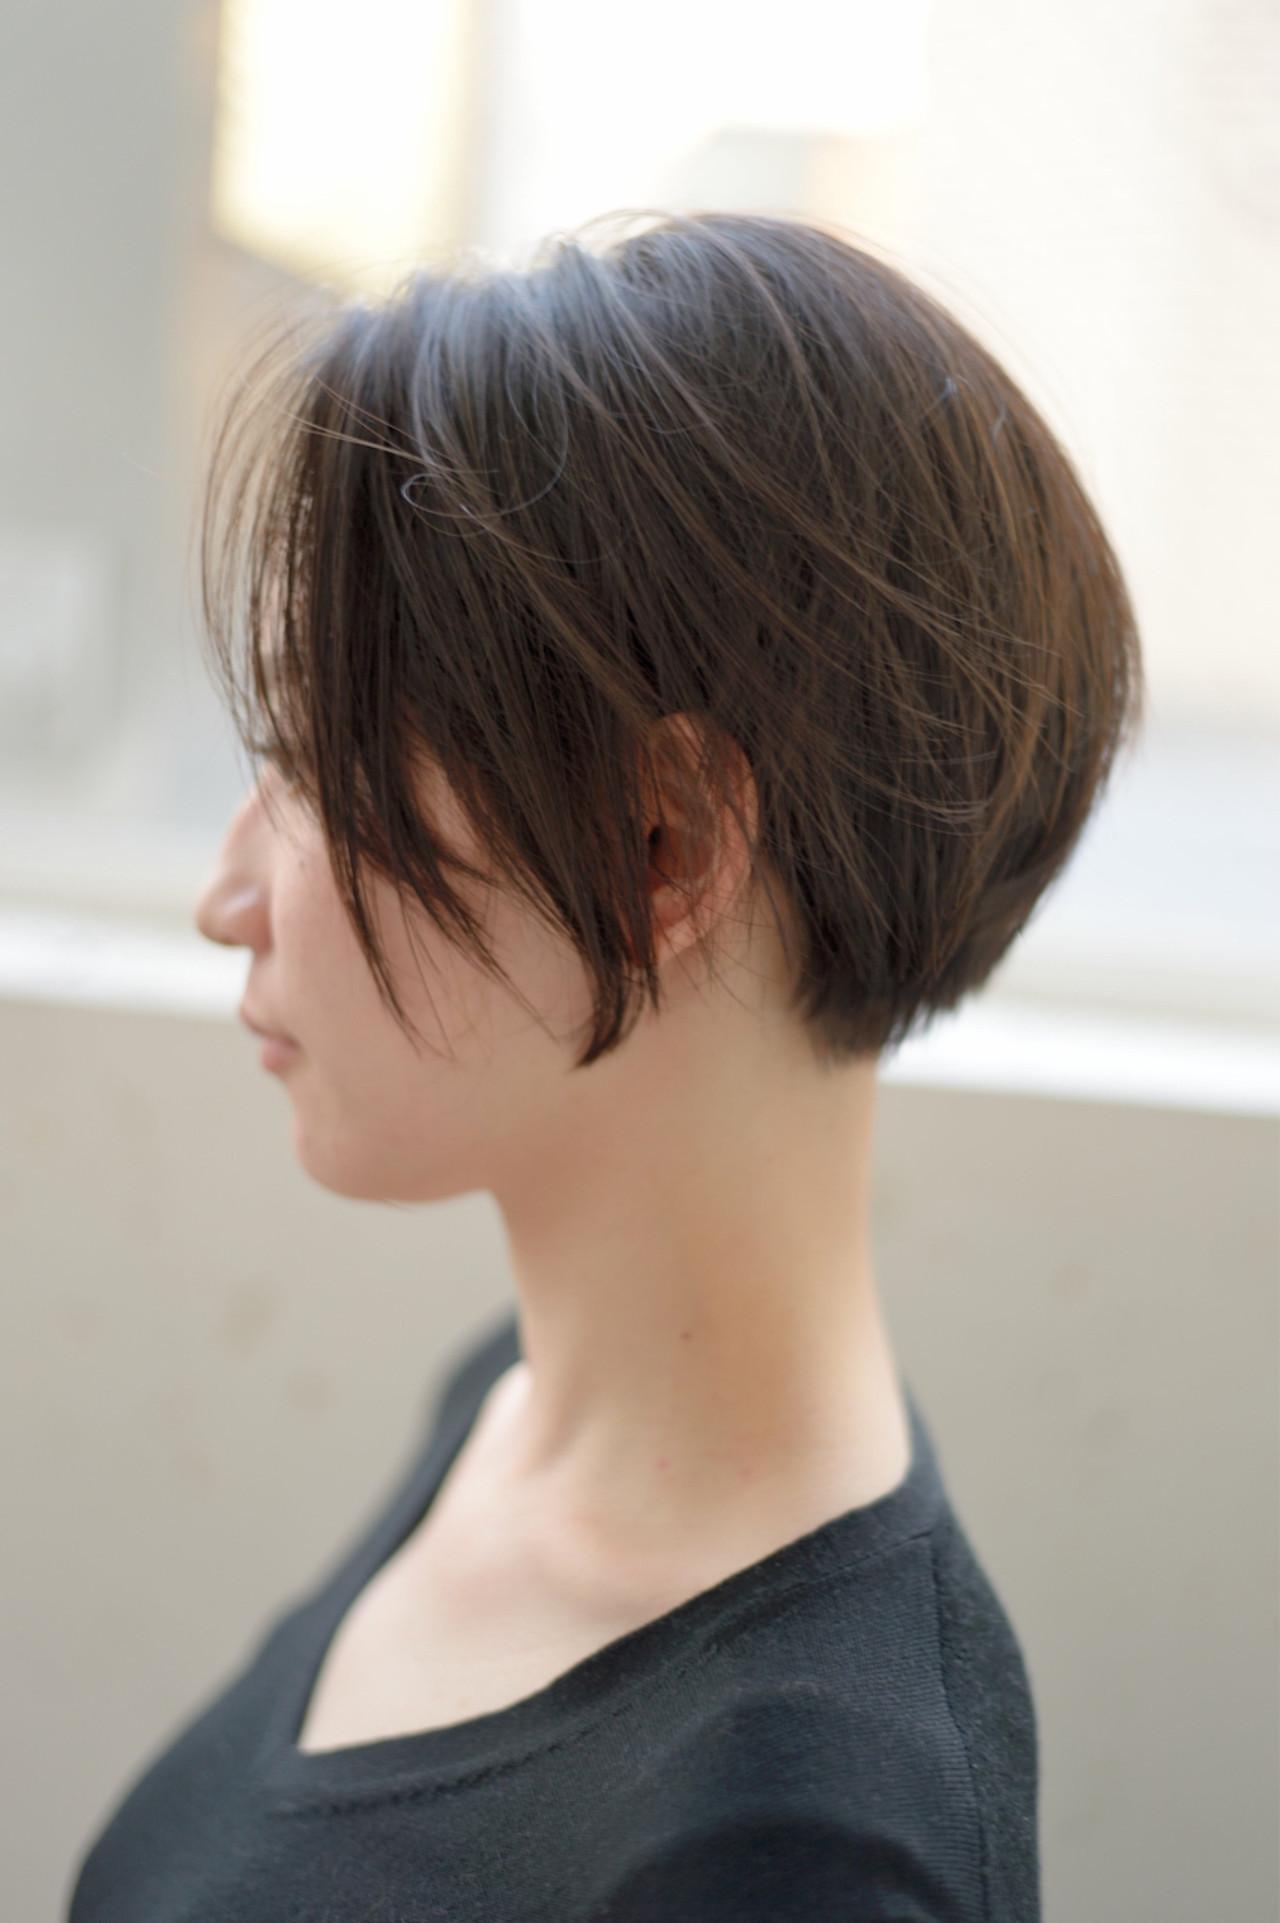 耳後ろの髪がスッキリ♡華奢見えショートヘア 郡司 泰之 / butterfly青山 | butterfly